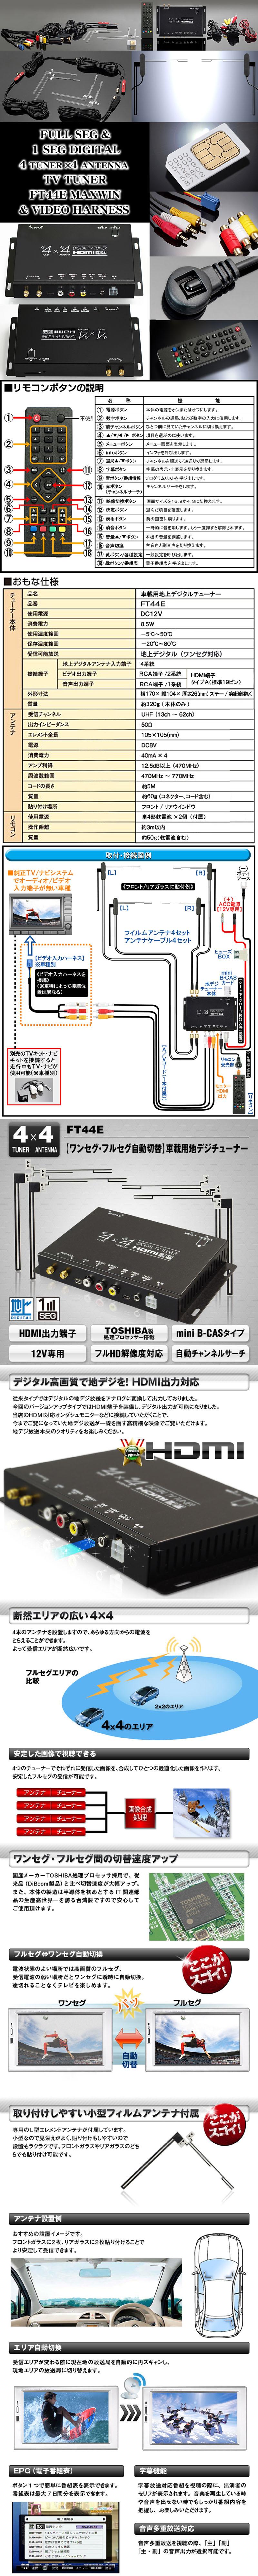 フルセグ地上デジタルチューナーFT44E MAXWIN・4チューナー×4アンプ付アンテナ HDMI仕様&ビデオ入力ハーネス《2点セット》メーカー純正車載テレビ用